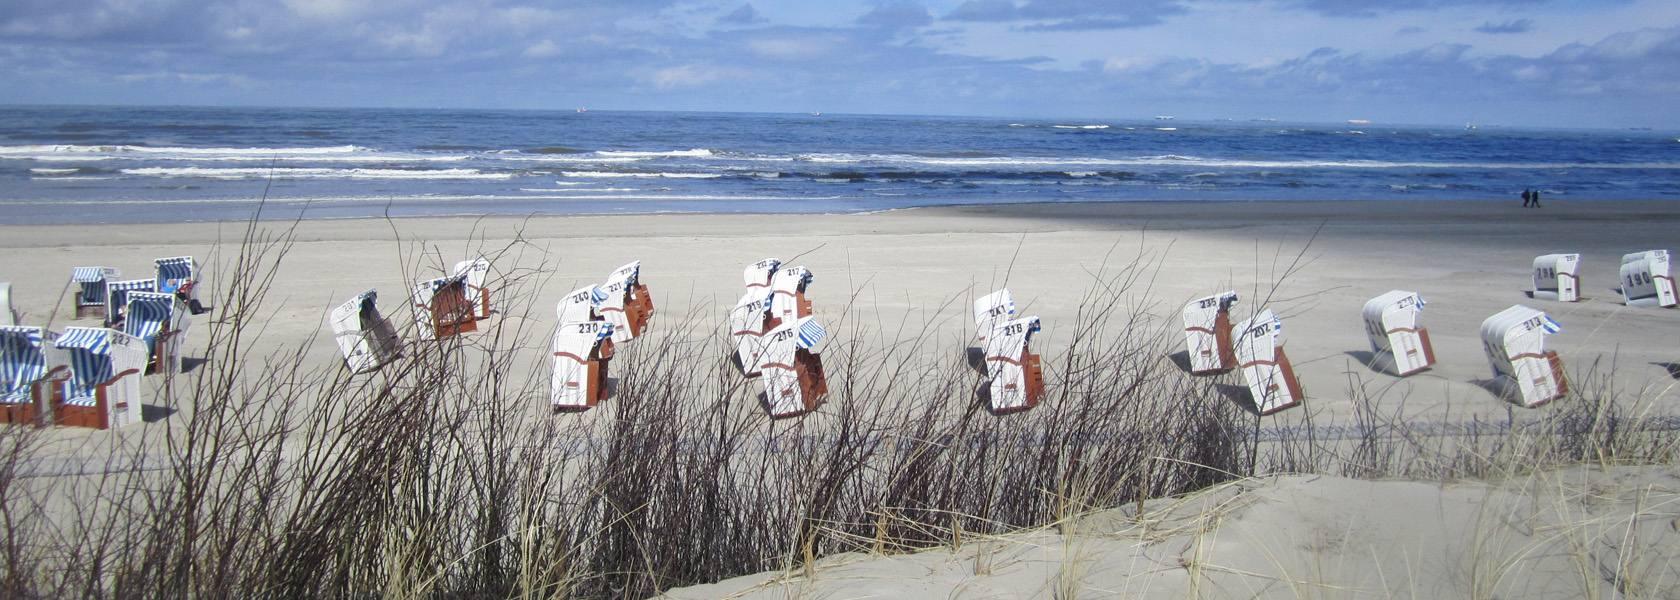 Strandörbe am Strand von Spiekeroog, © Die Nordsee GmbH, Jantje Olchers